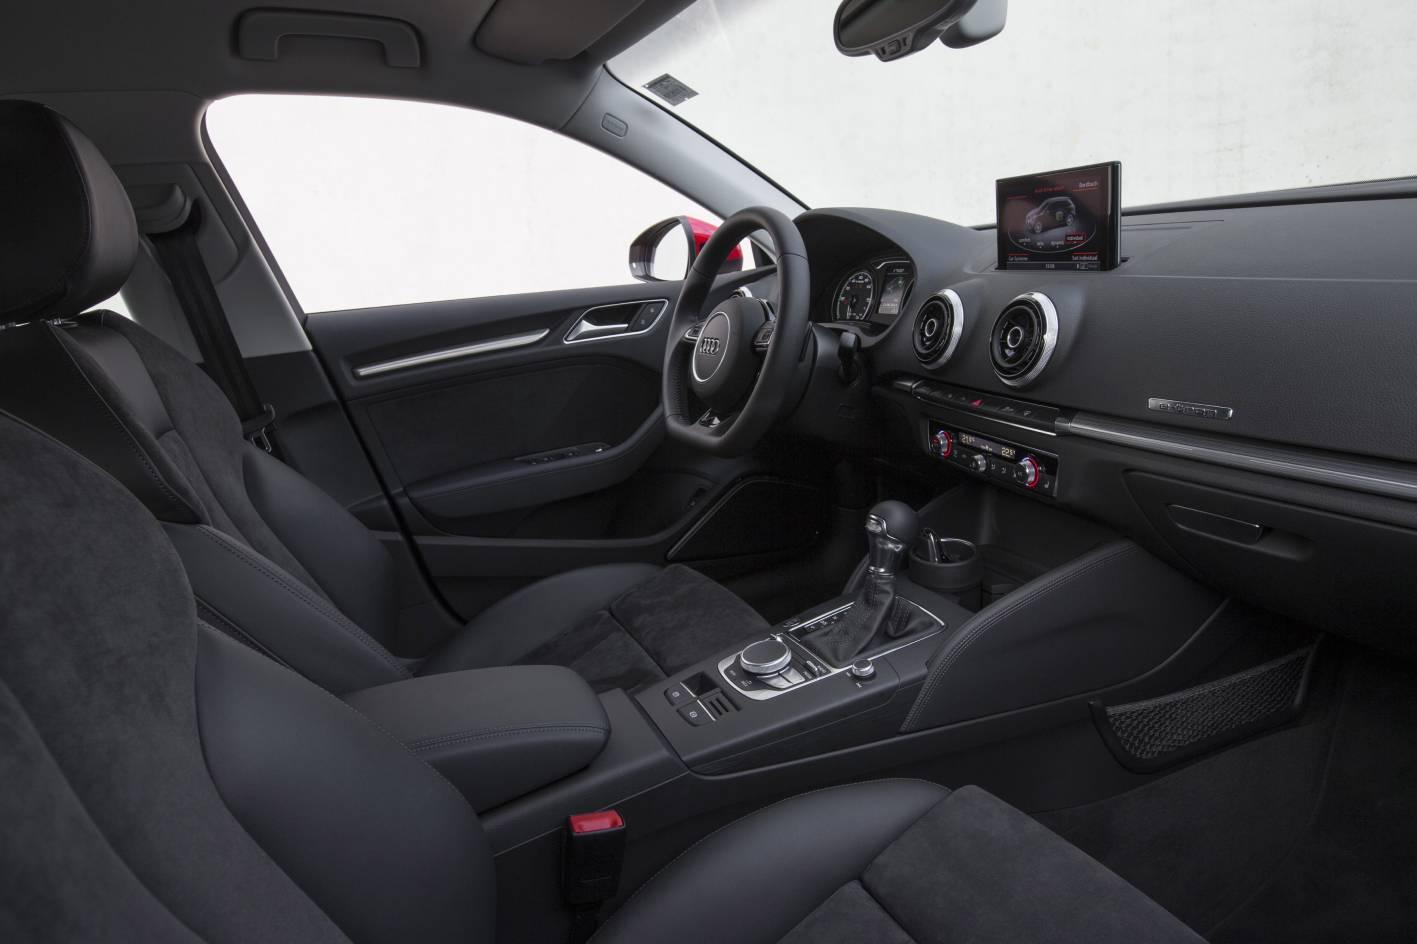 Audi a3 e tron interior for Audi a3 onderdelen interieur